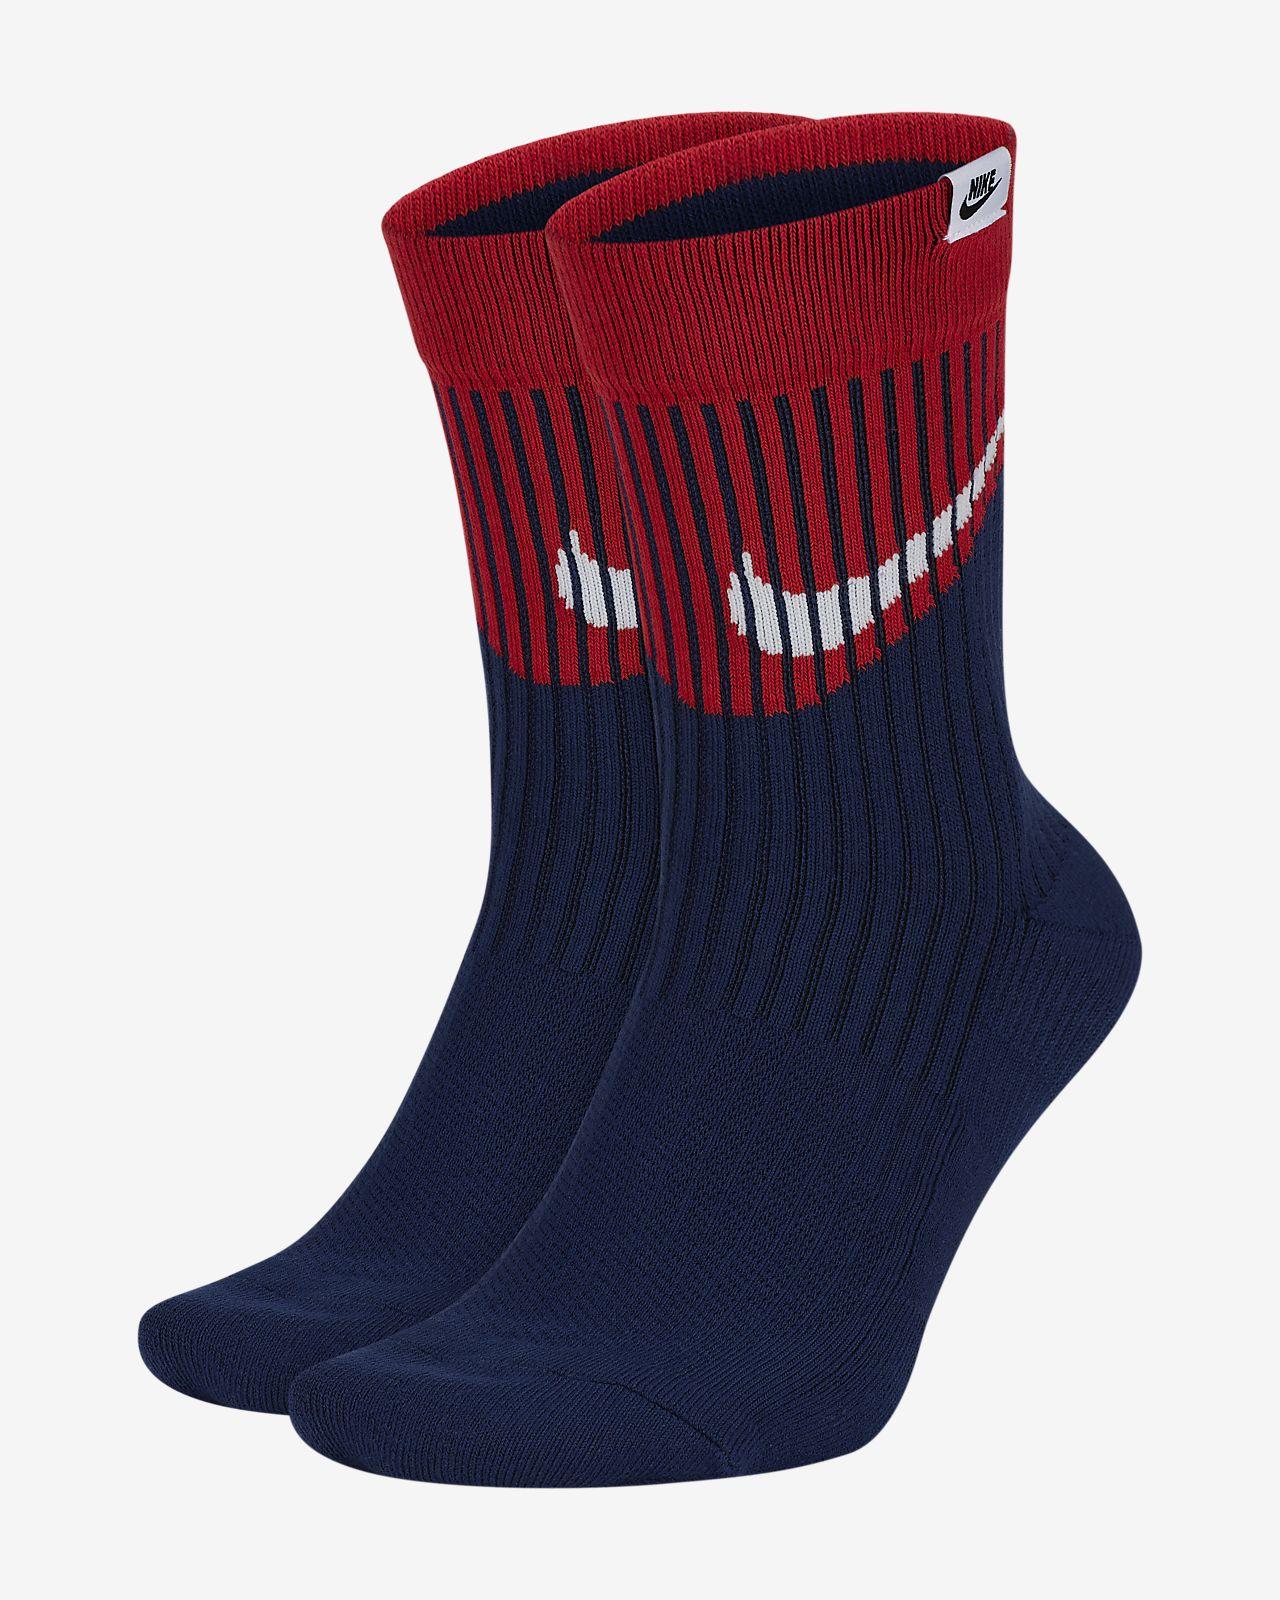 ถุงเท้าข้อยาว Nike SNKR Sox Swoosh (2 คู่)